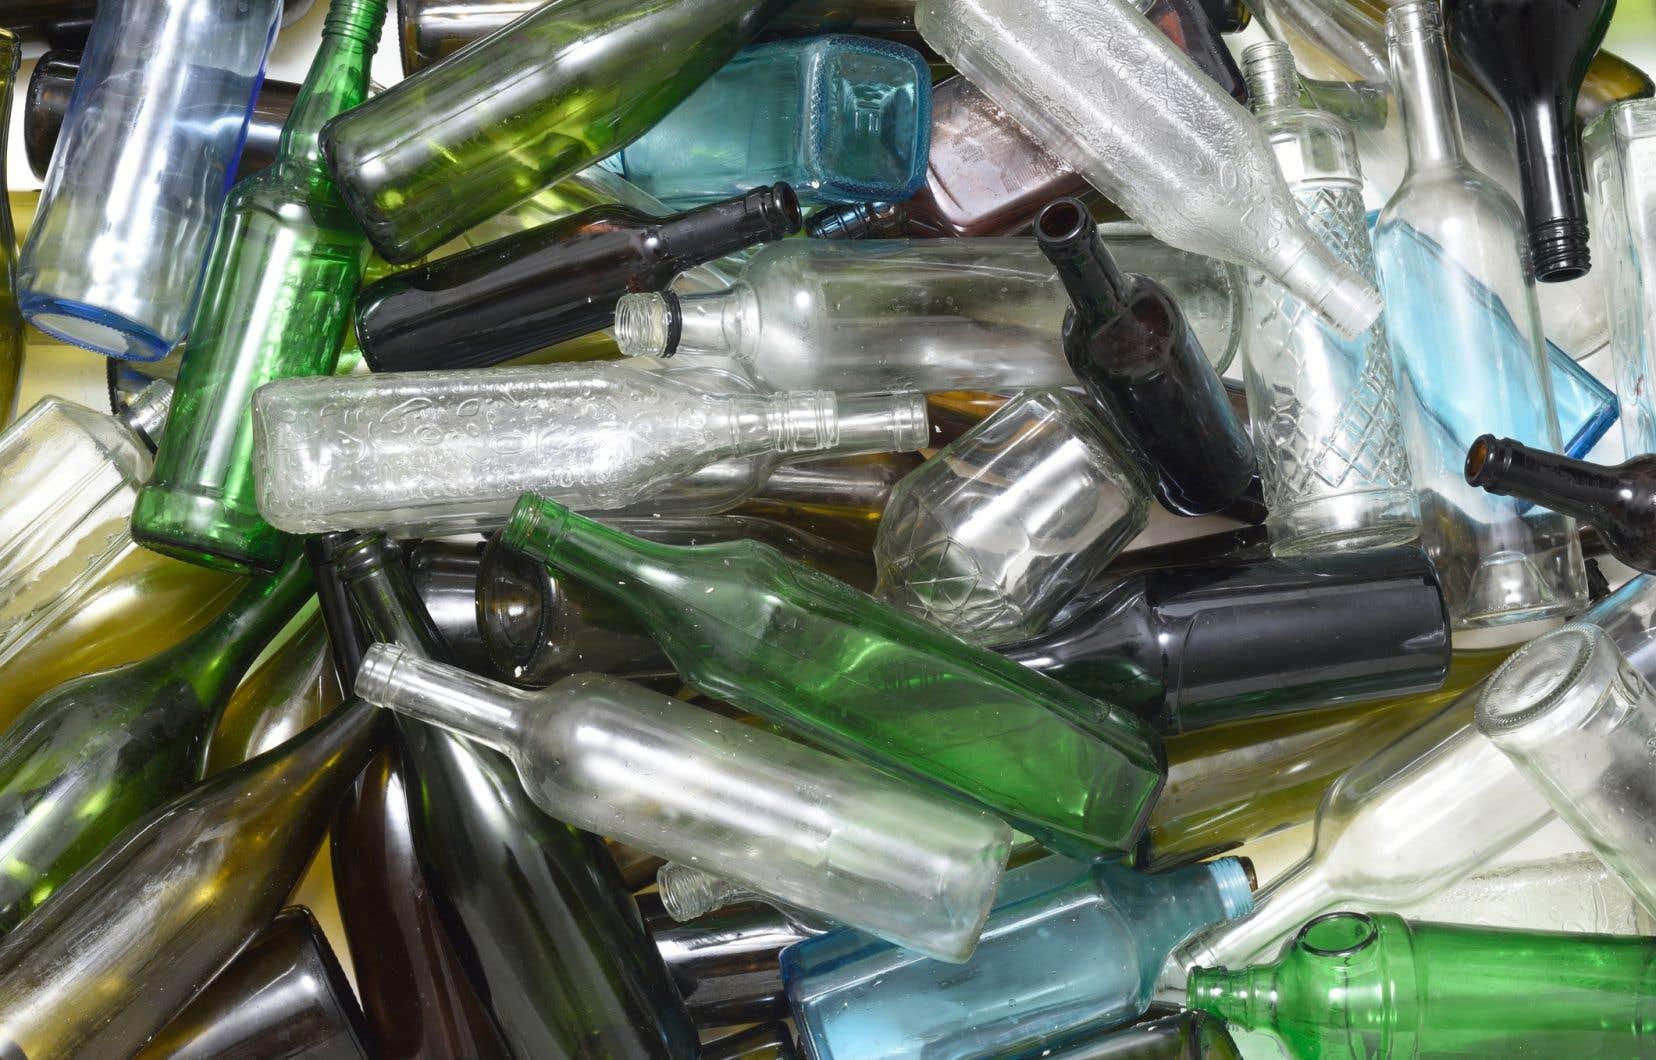 Dans son rapport, la commission recommandait d'appliquer la consigne aux bouteilles de vin et de spiritueux pour qu'elles soient recyclées.